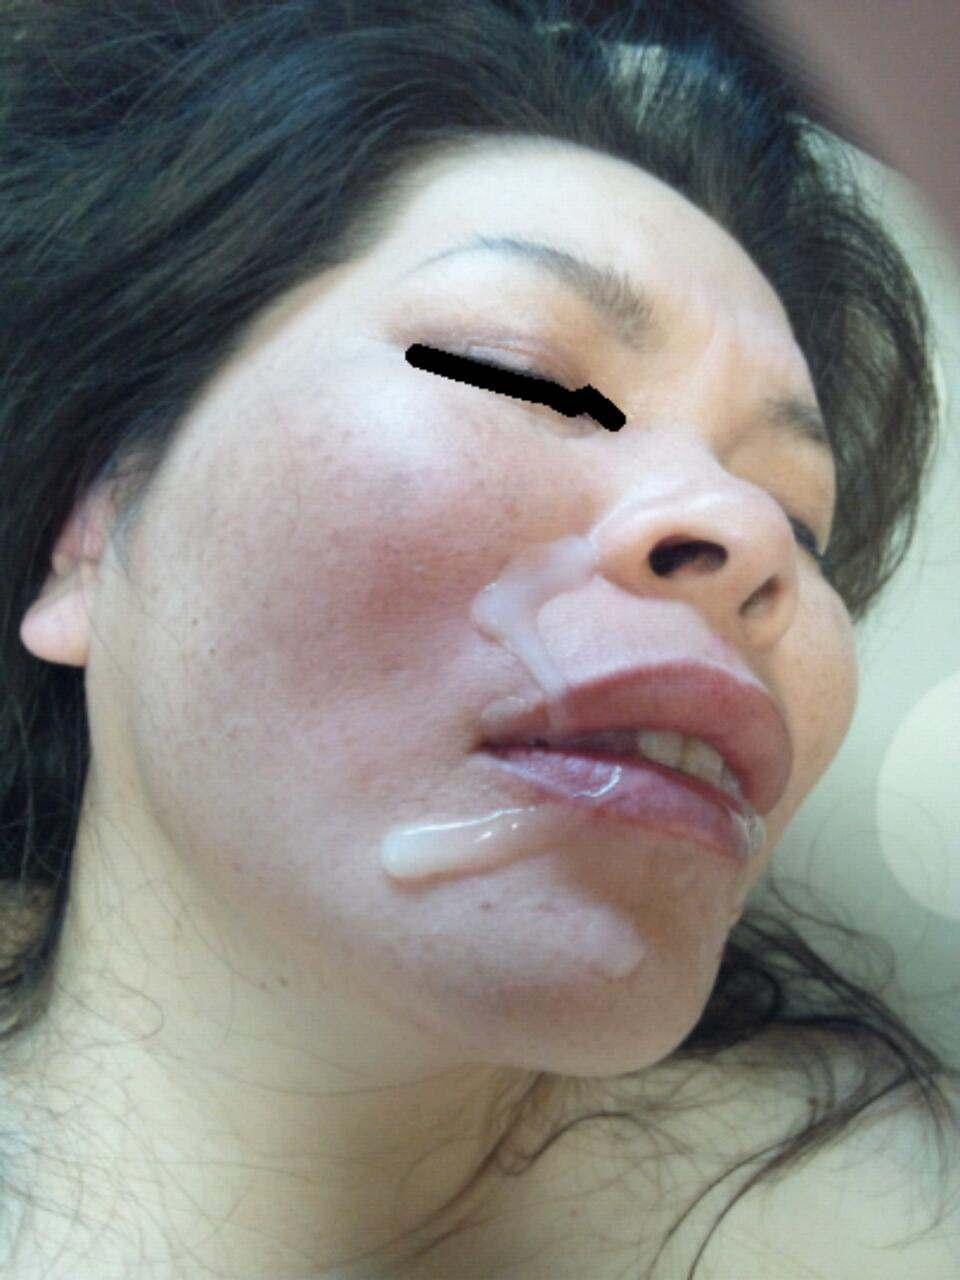 不本意だけど彼氏のためなら・・・彼女の顔に臭いザーメン大量顔射www 17559